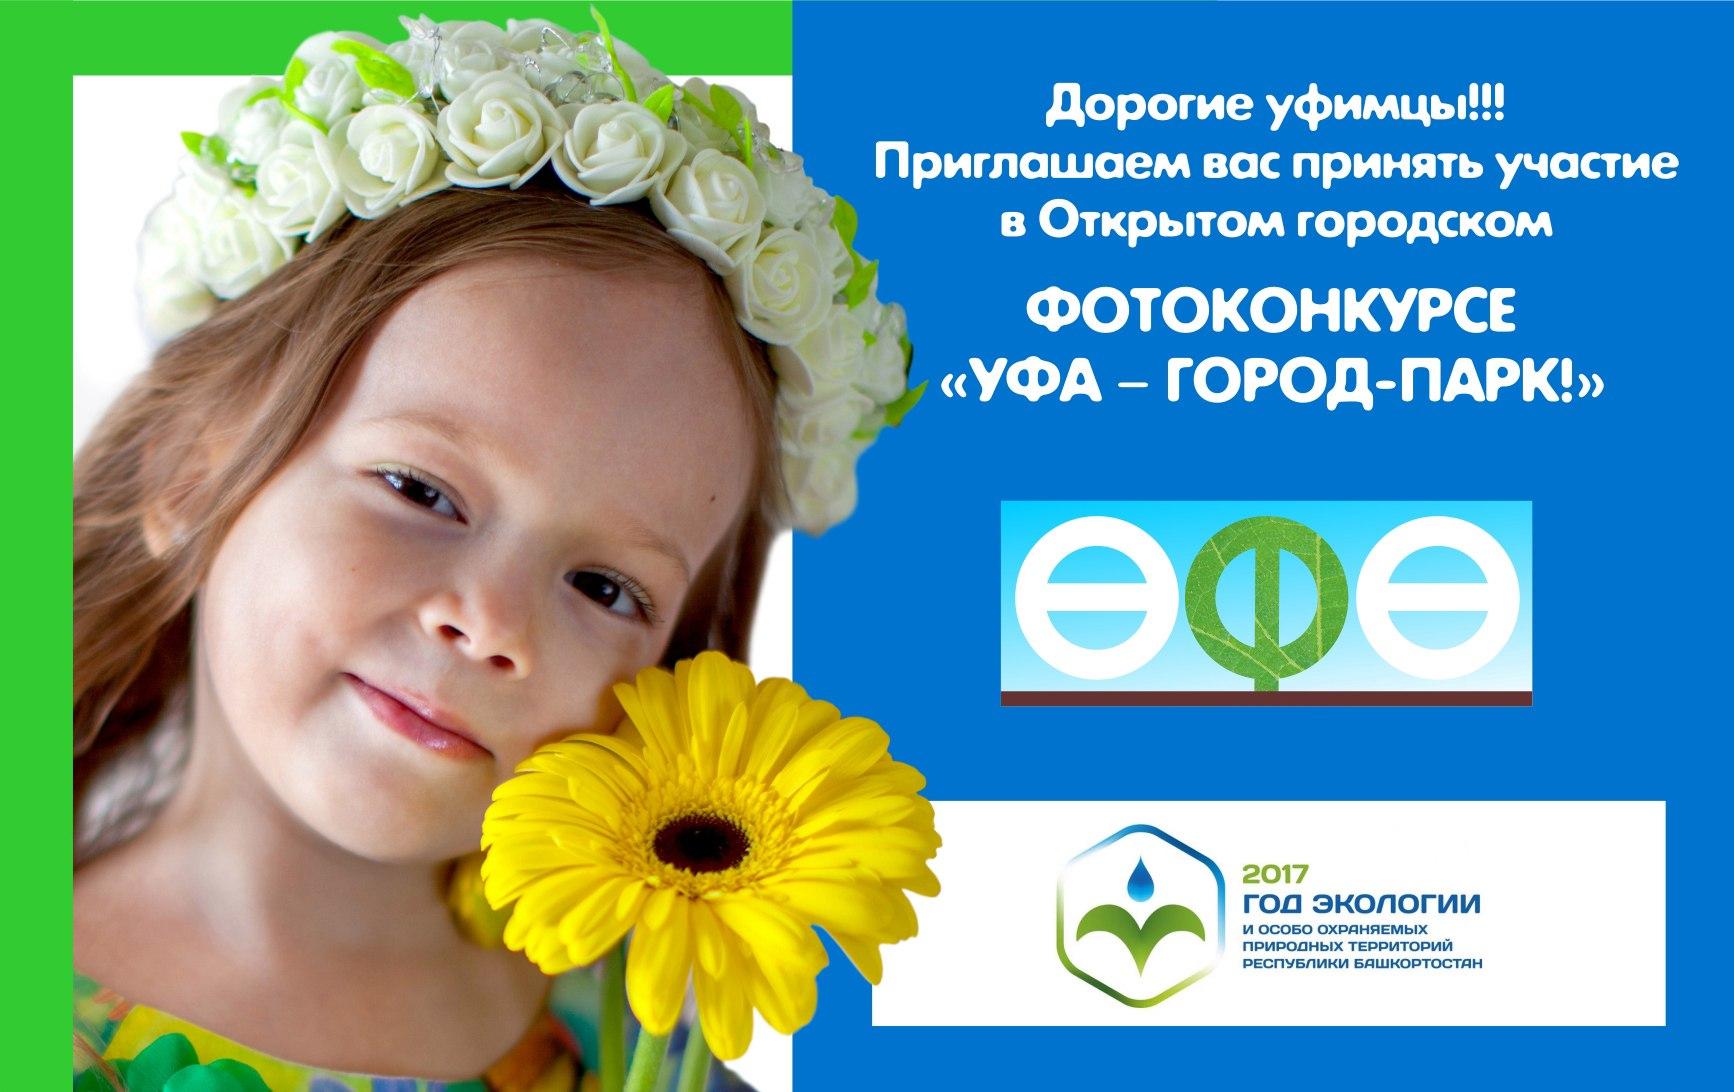 Конкурс Уфа-город-парк